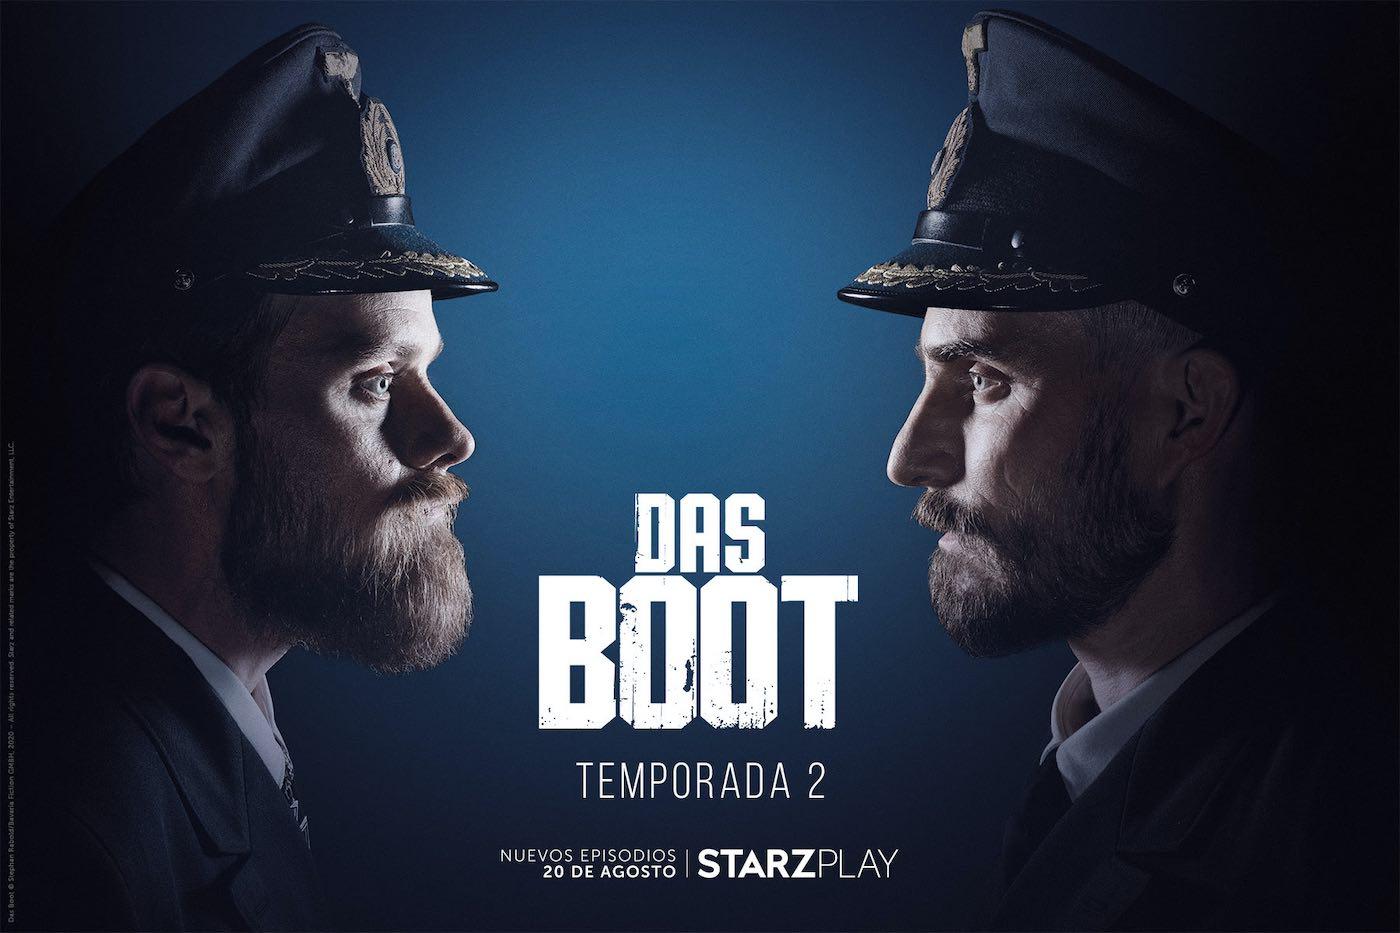 Sobre DAS BOOT: Temporada 2 (Estrena el 20 de Agosto)